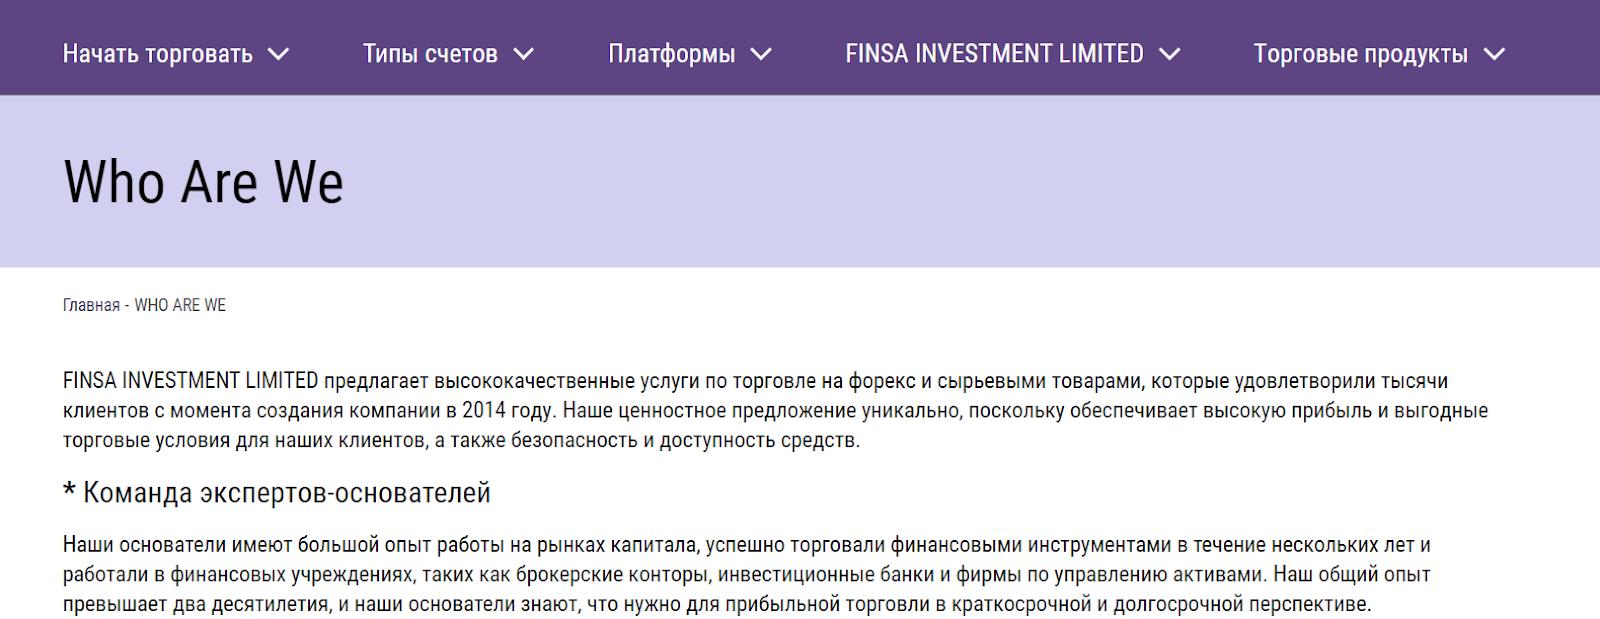 Отзывы о Finsa Investment Limited: можно ли сотрудничать с брокером? обзор